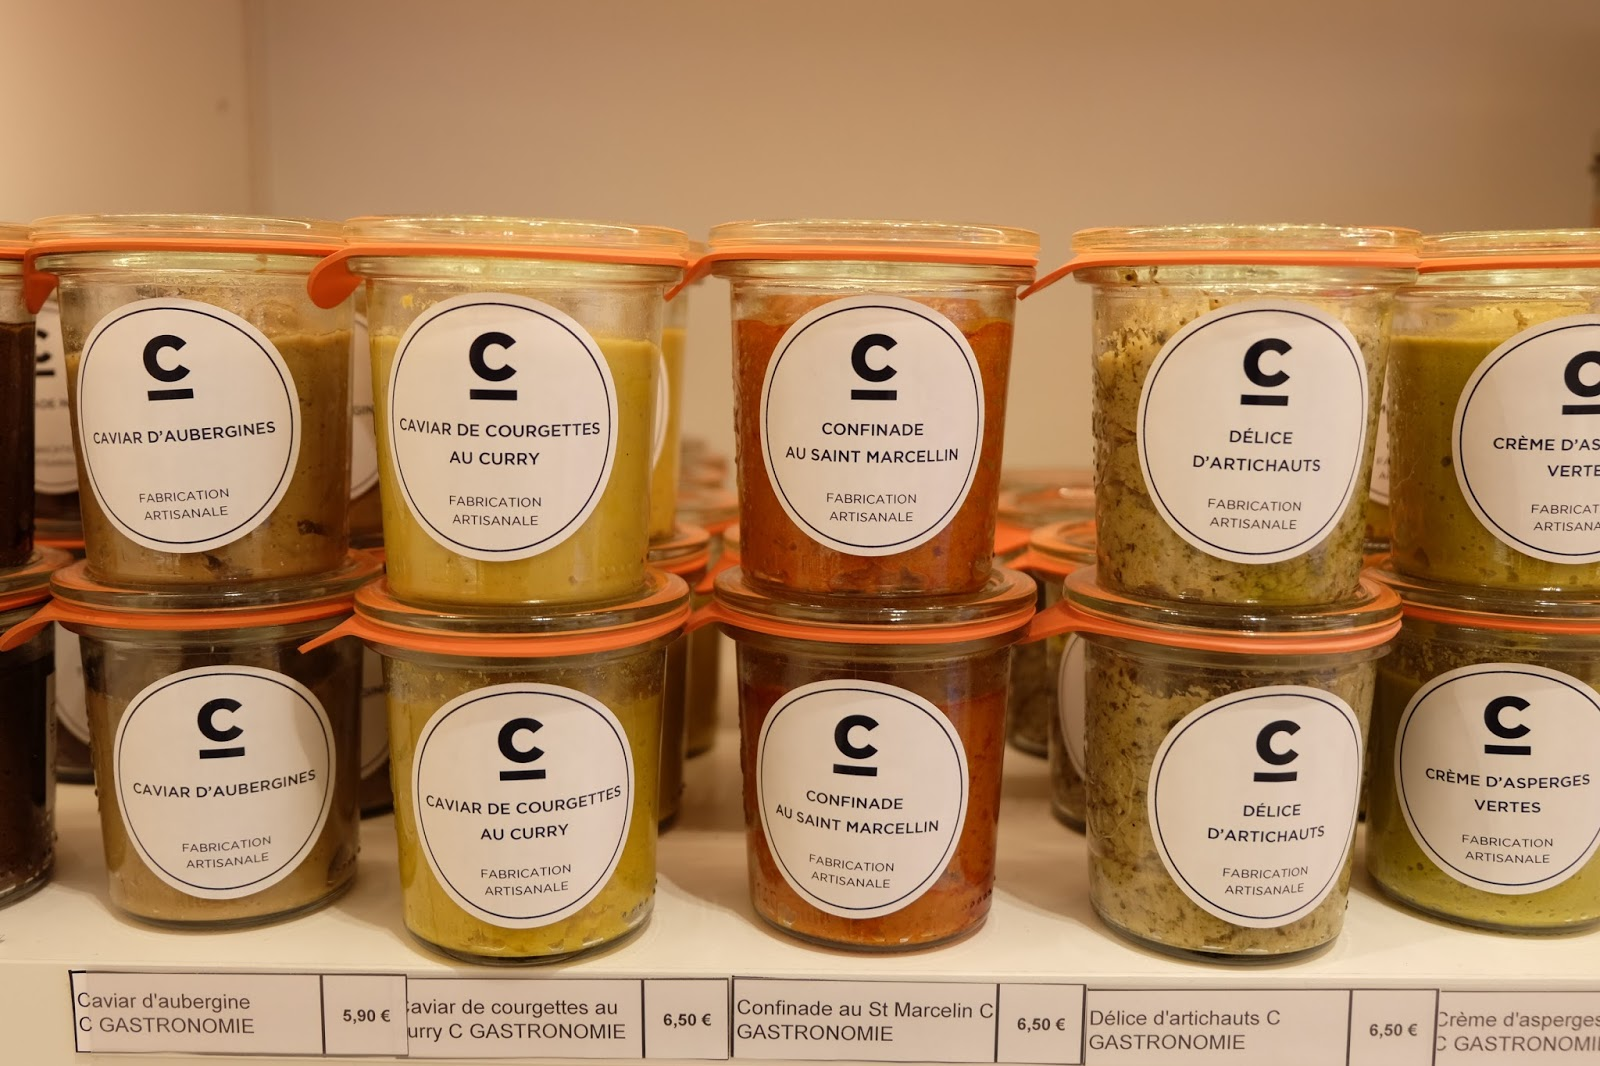 cgastronomie, la boutique du goût, blog mode lyon, blog mode, restaurant, adresse lyonnaise, traiteur